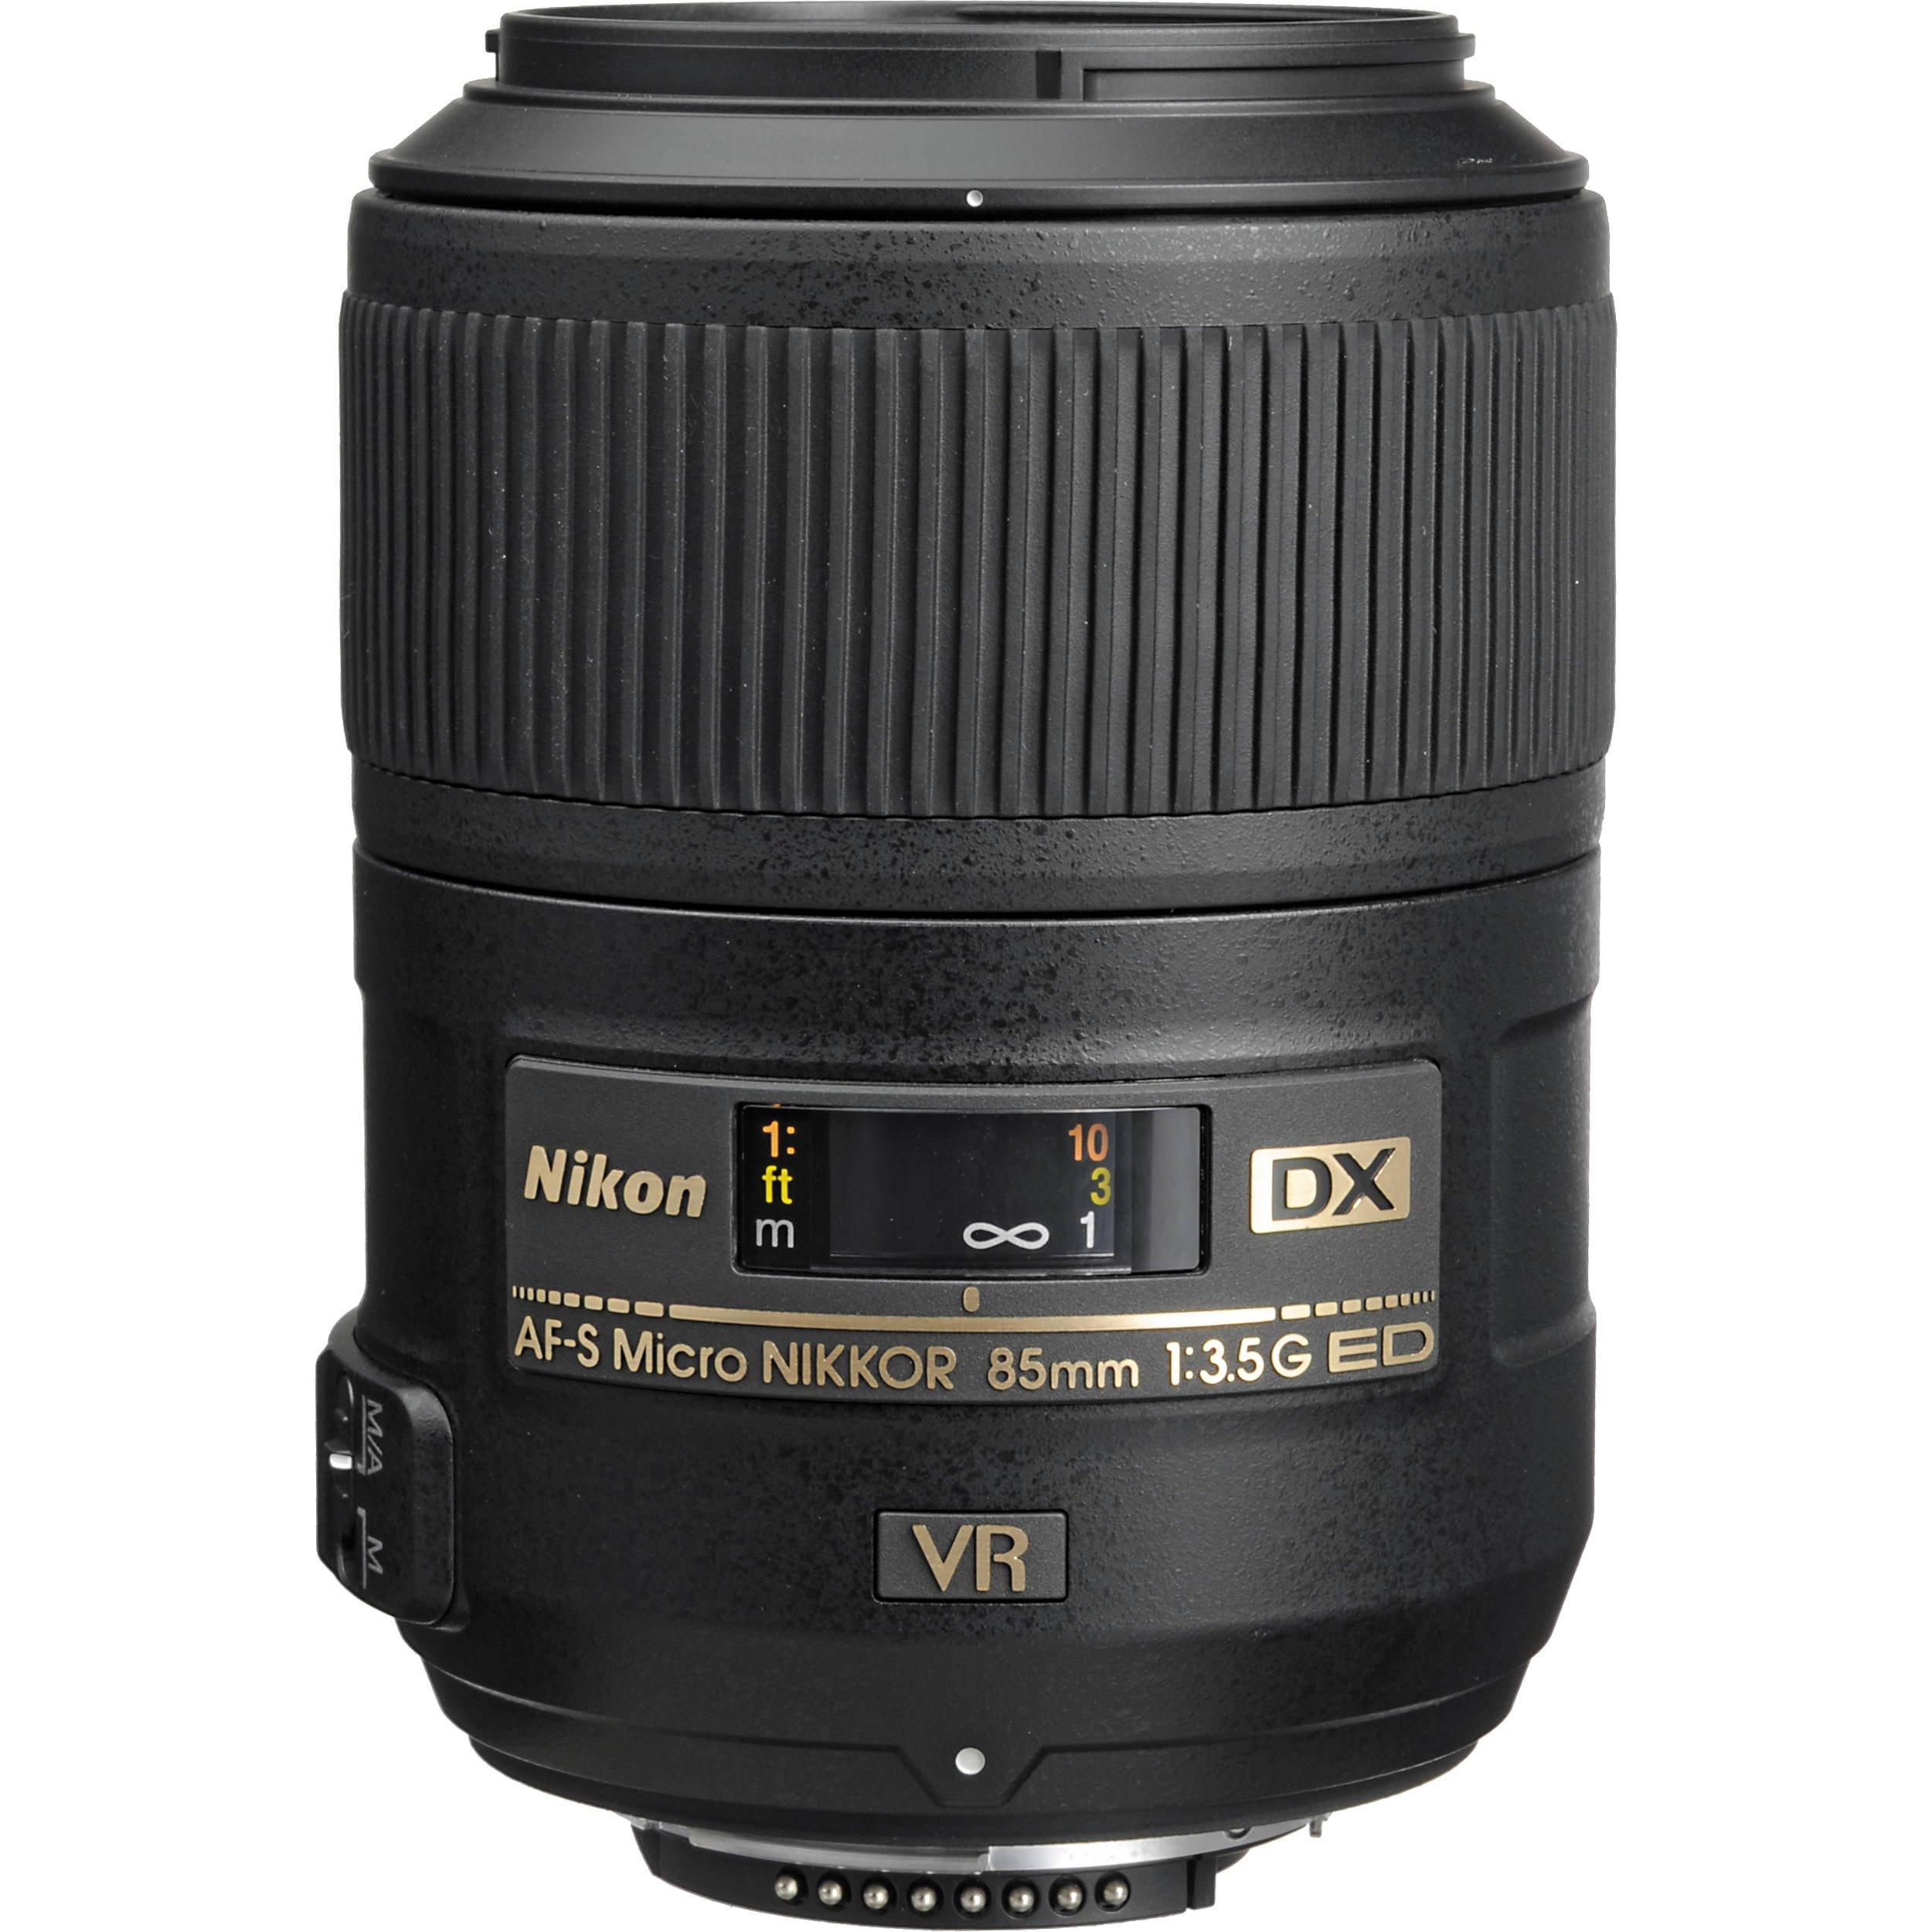 Nikon AF-S DX Micro NIKKOR 85mm f/3.5G ED VR Lens Advanced Bundle by Nikon (Image #3)